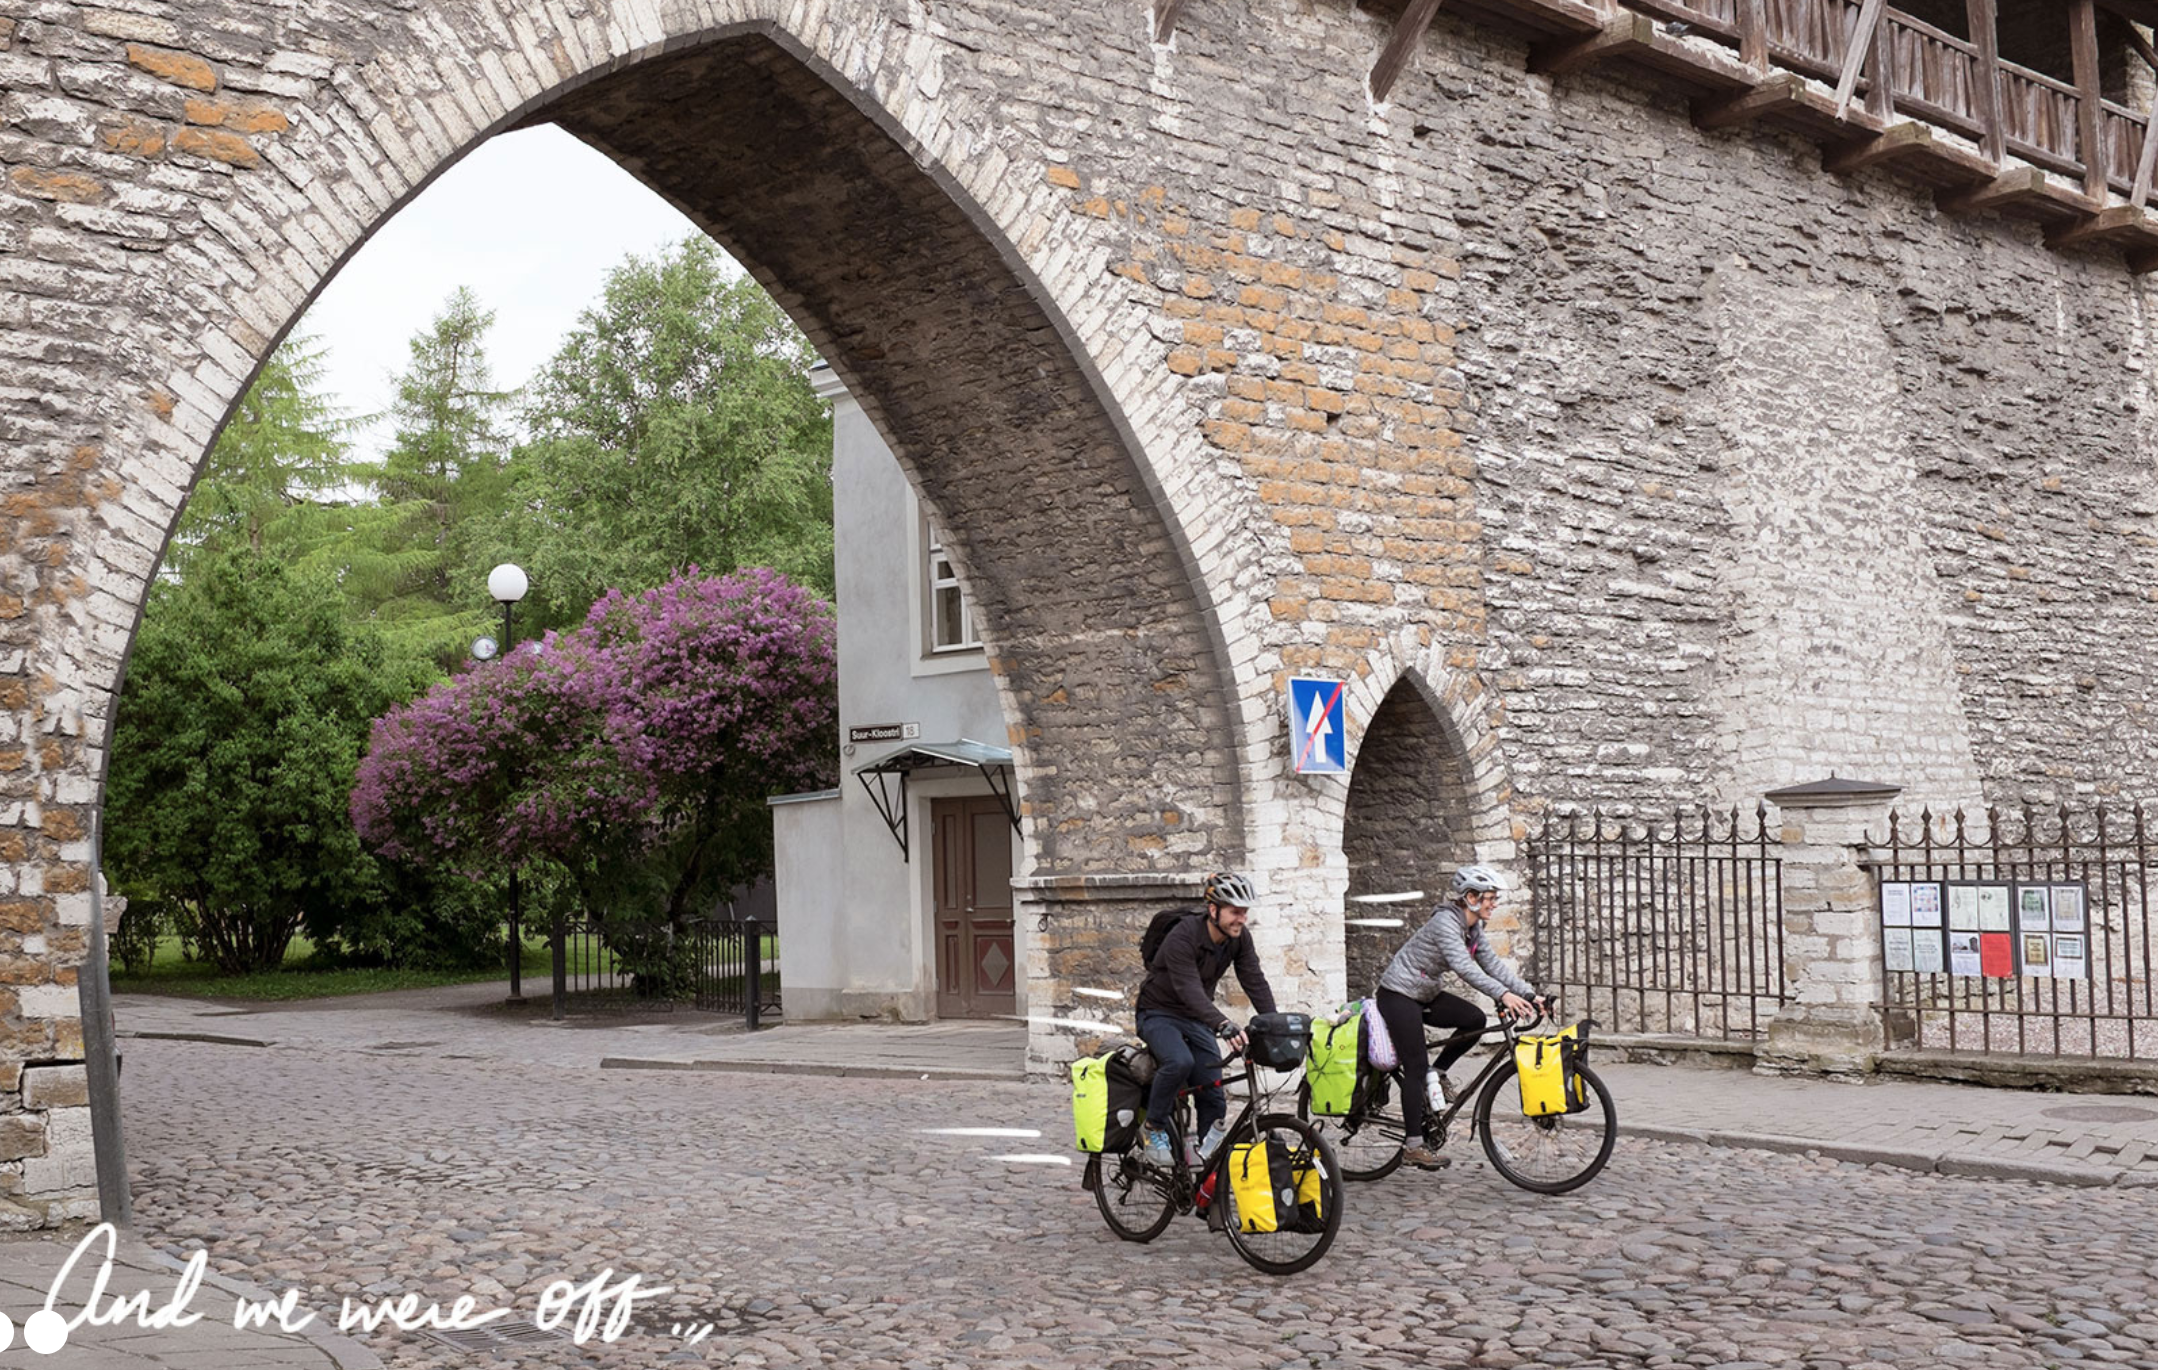 diephuis-trip-bike-3000-miles05.png